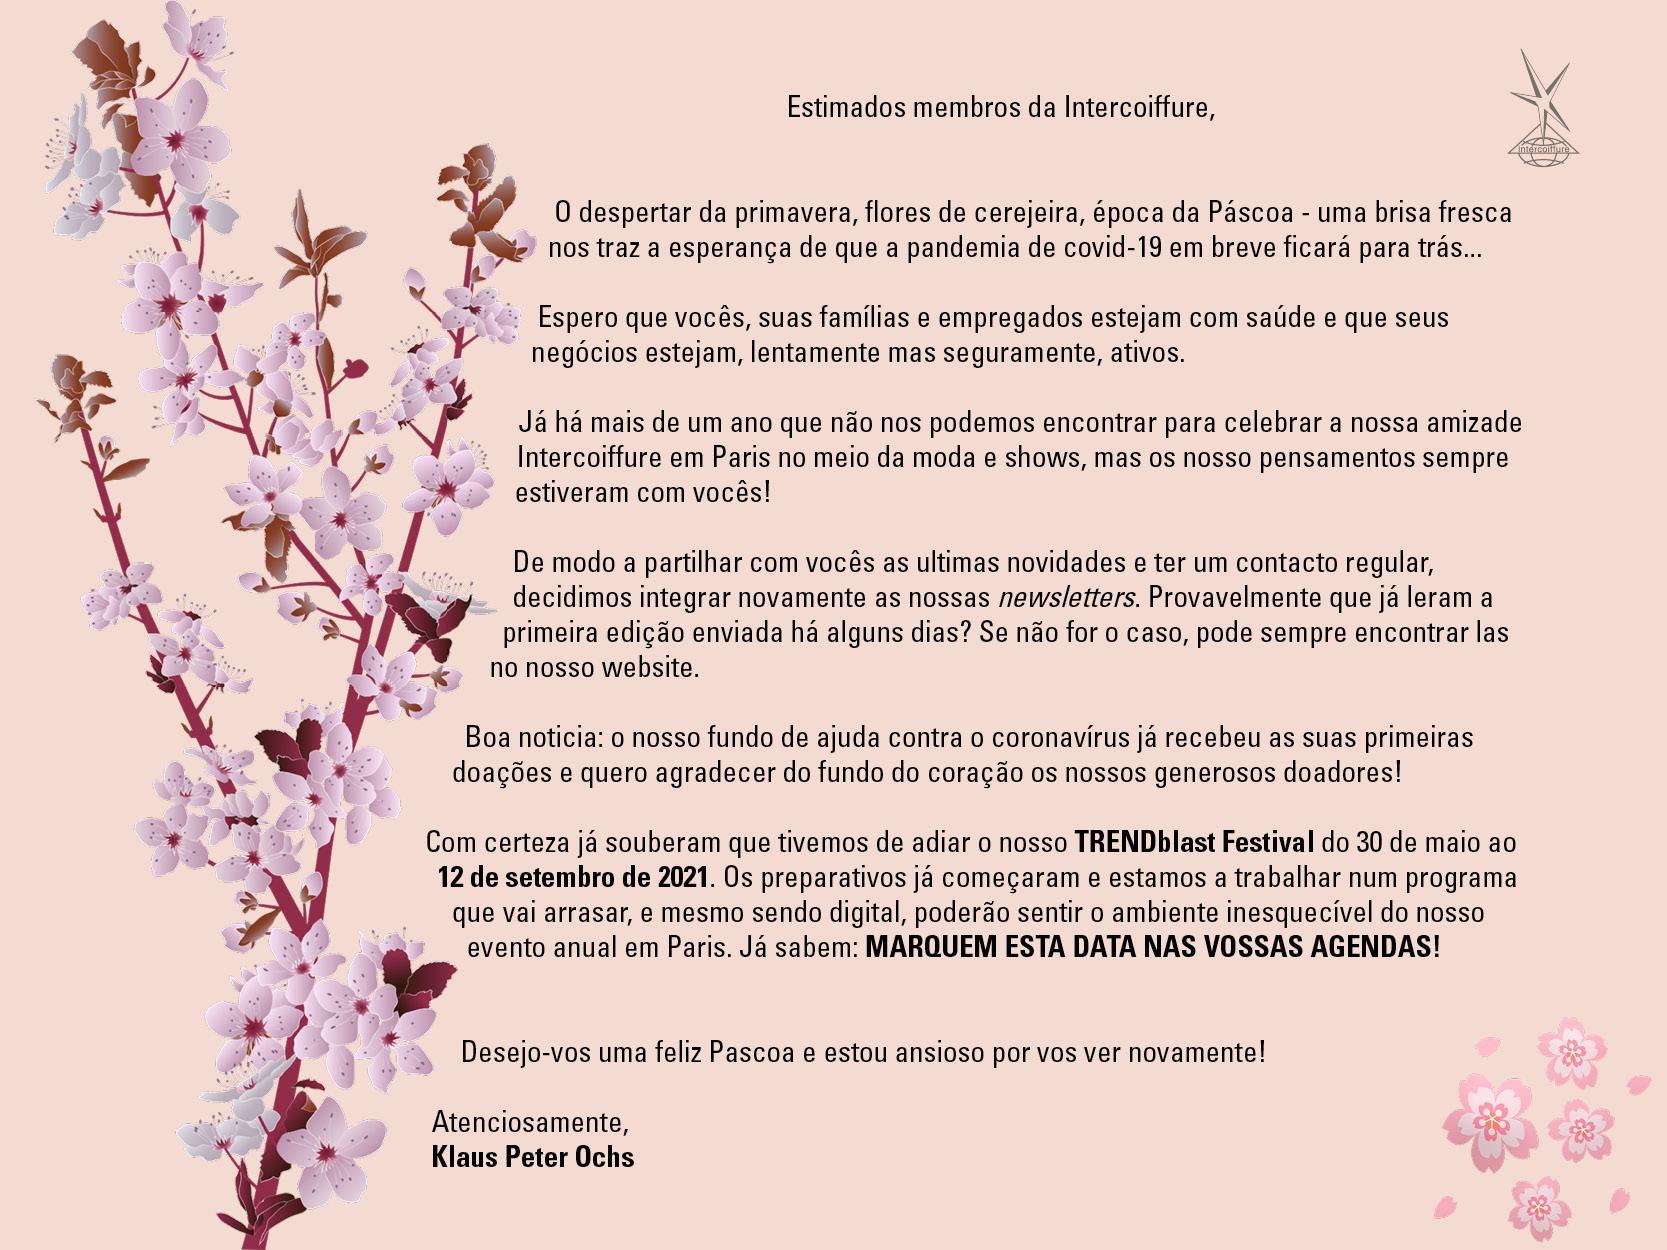 Blossom flower letter from Klaus Peter Ochs